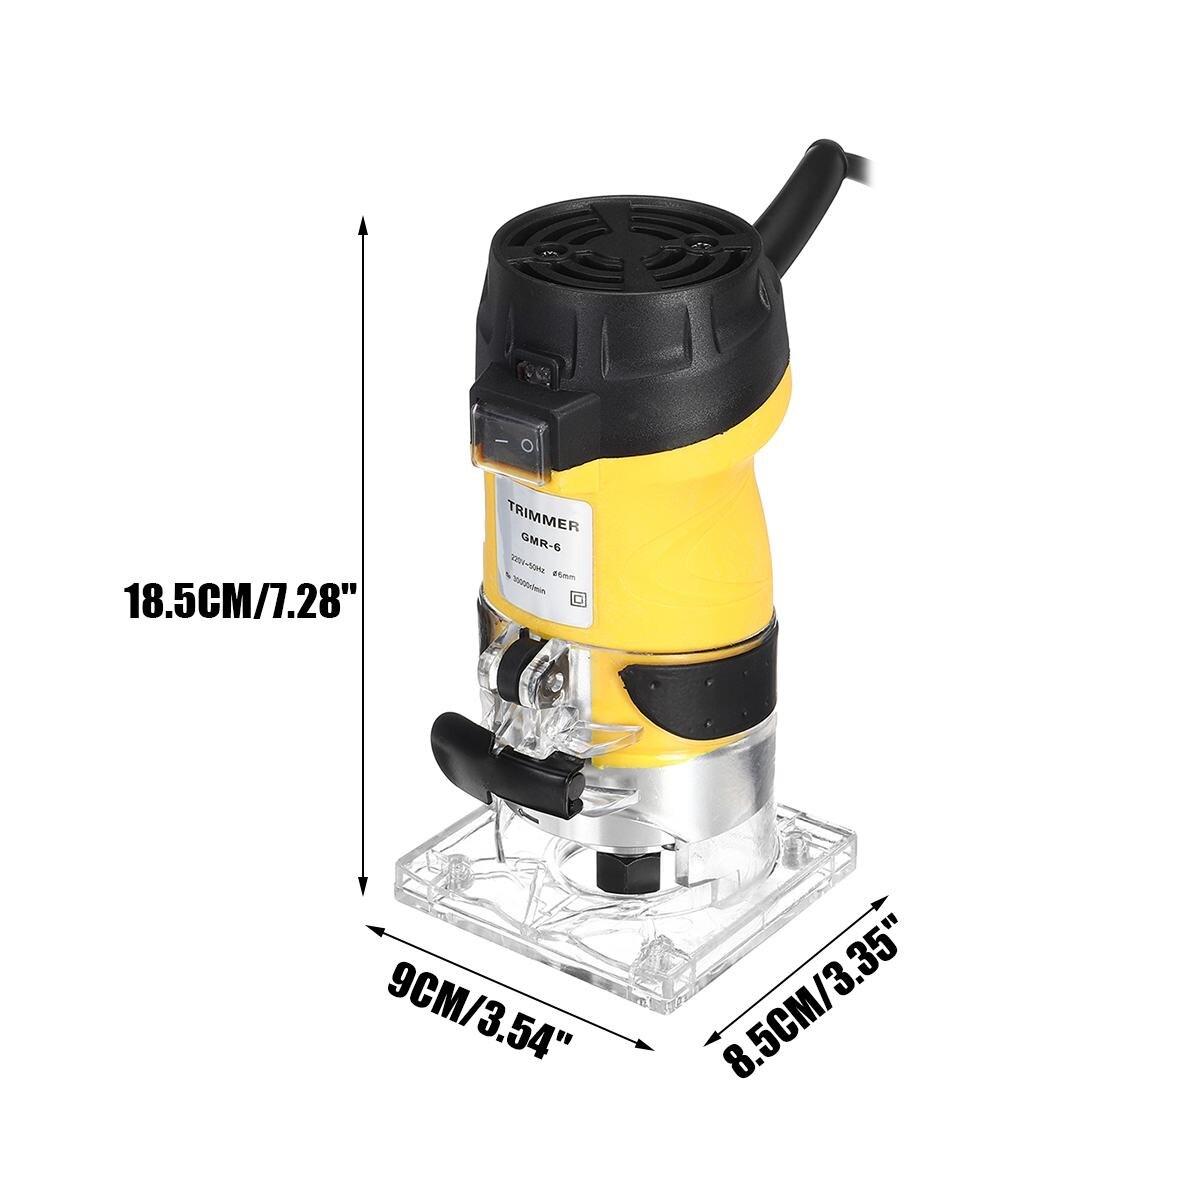 110 V/220 V 2200W électrique main tondeuse bois routeur 6.35mm bois plastifieuse menuiserie coupe coupe outils électriques - 6